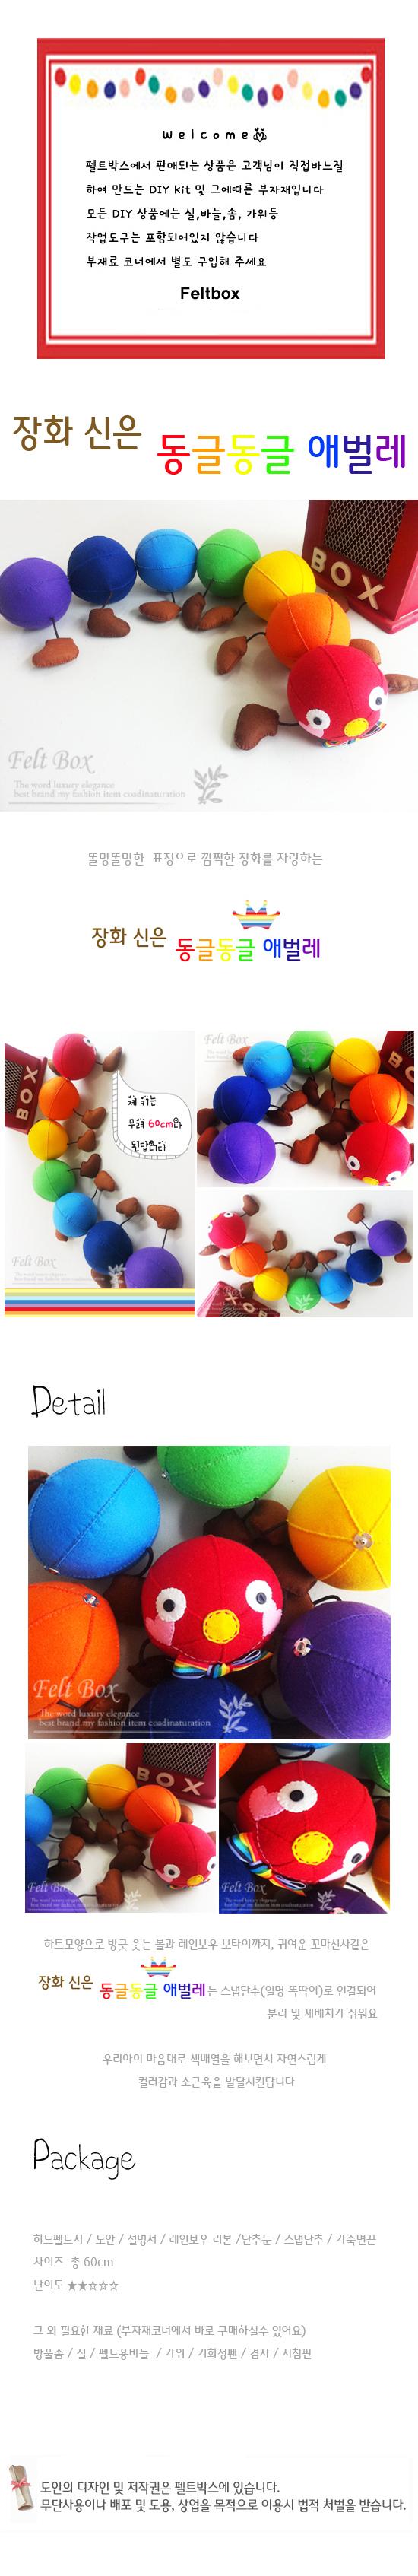 반제품 DIY kit 장화신은 동글동글 애벌레 - 펠트박스, 10,600원, 펠트공예, 펠트인형 패키지